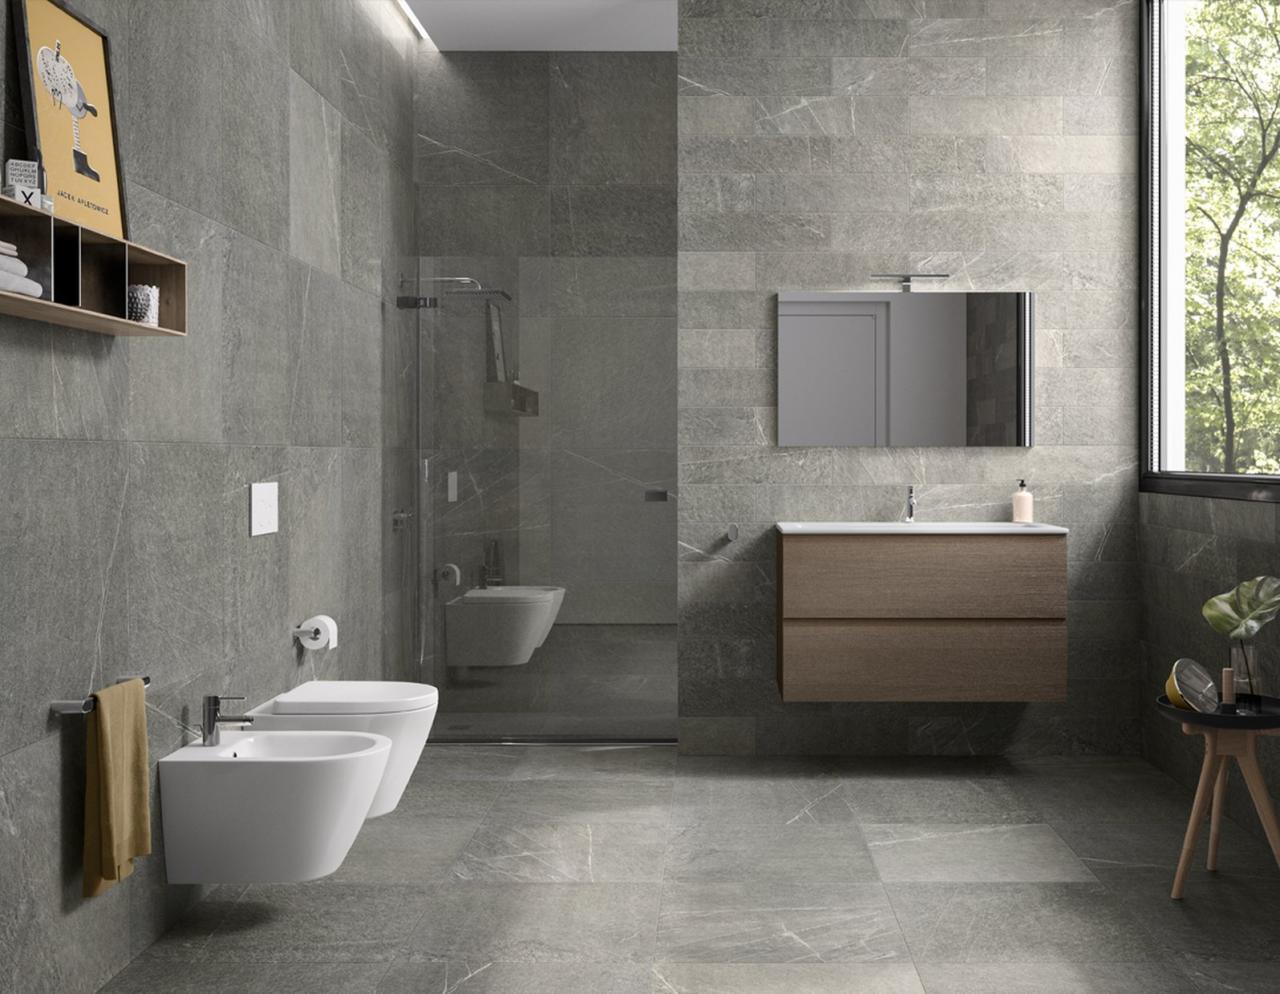 بلاط حمامات اجمل اشكال مميزة لبلاط الحمامات هل تعلم